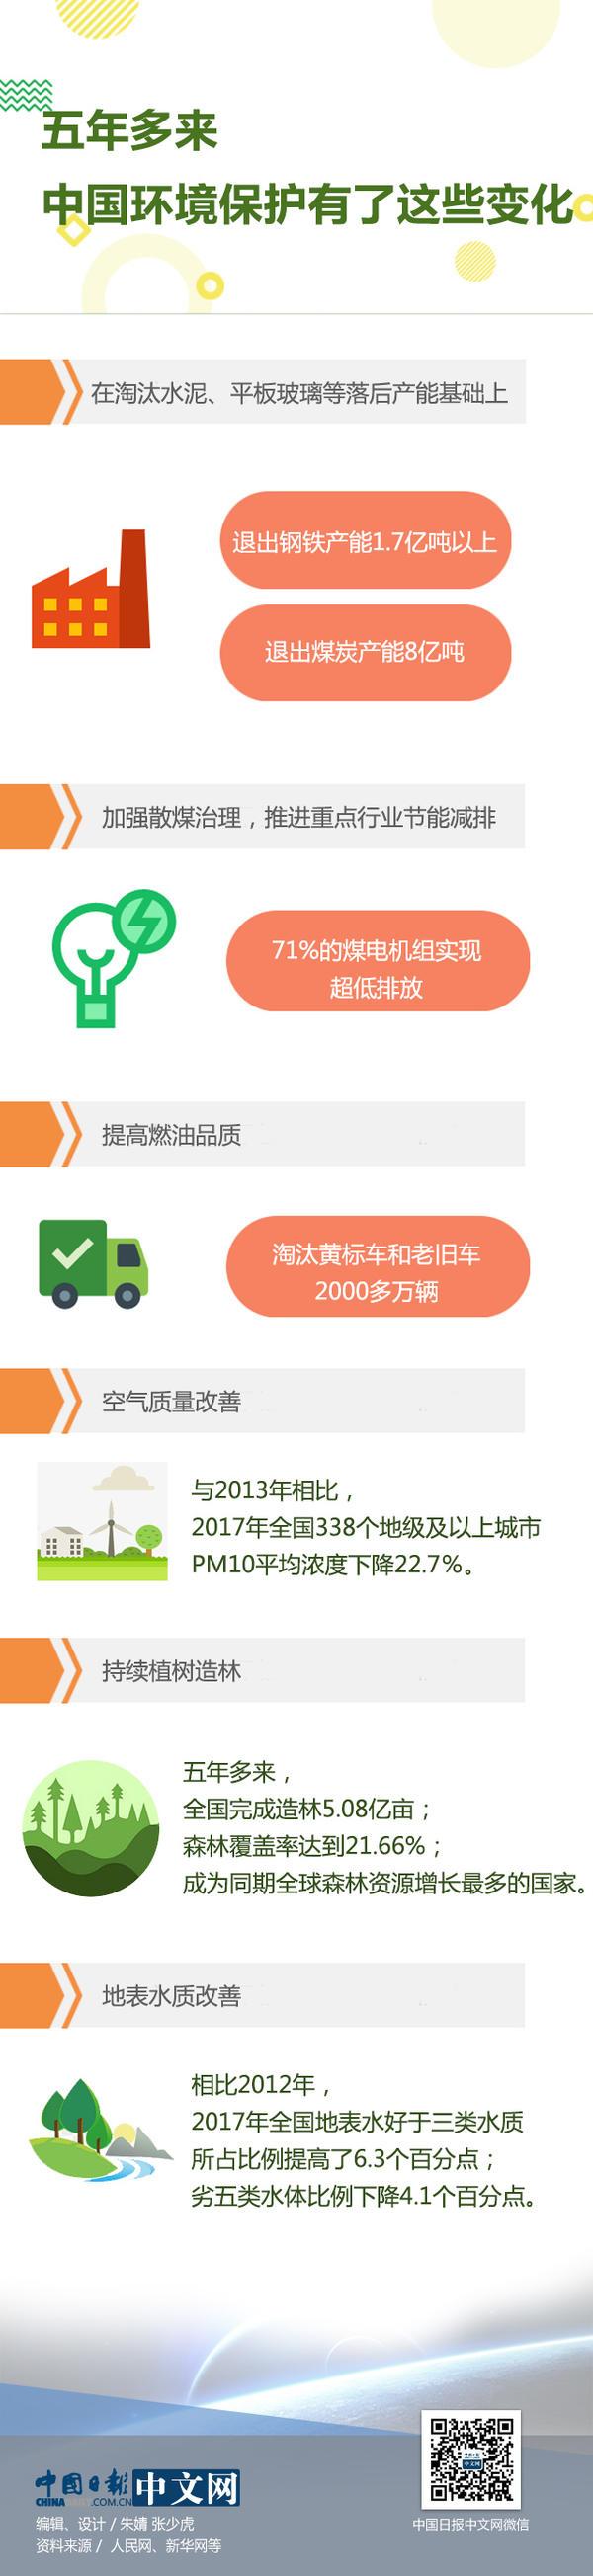 金沙会线上娱乐:国际人士热议中国环境保护:彰显负责任大国形象